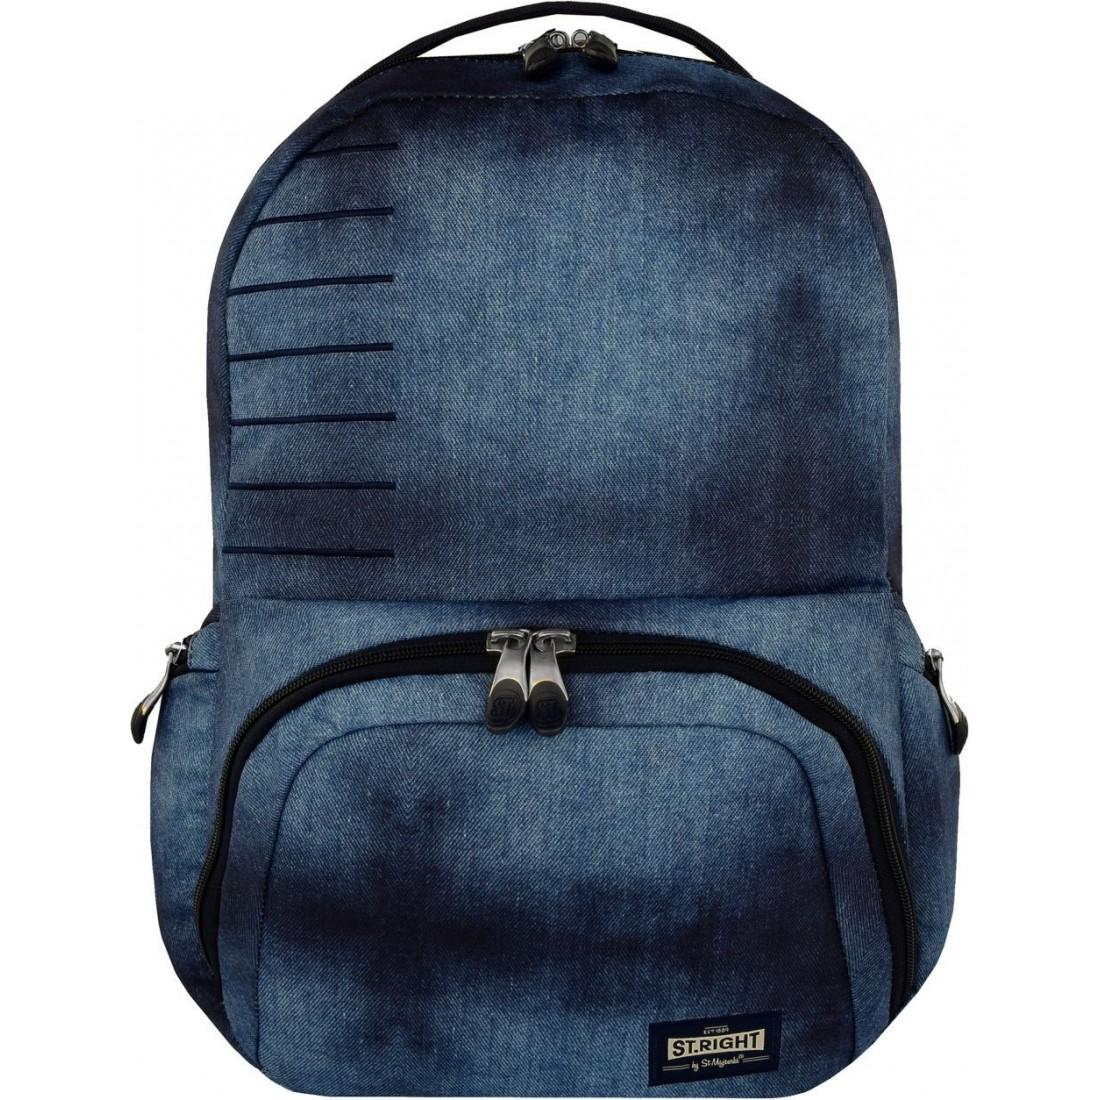 0ec29cb61c207 Plecak szkolny na laptop ST.RIGHT JEANS niebieski dżins młodzieżowy ...